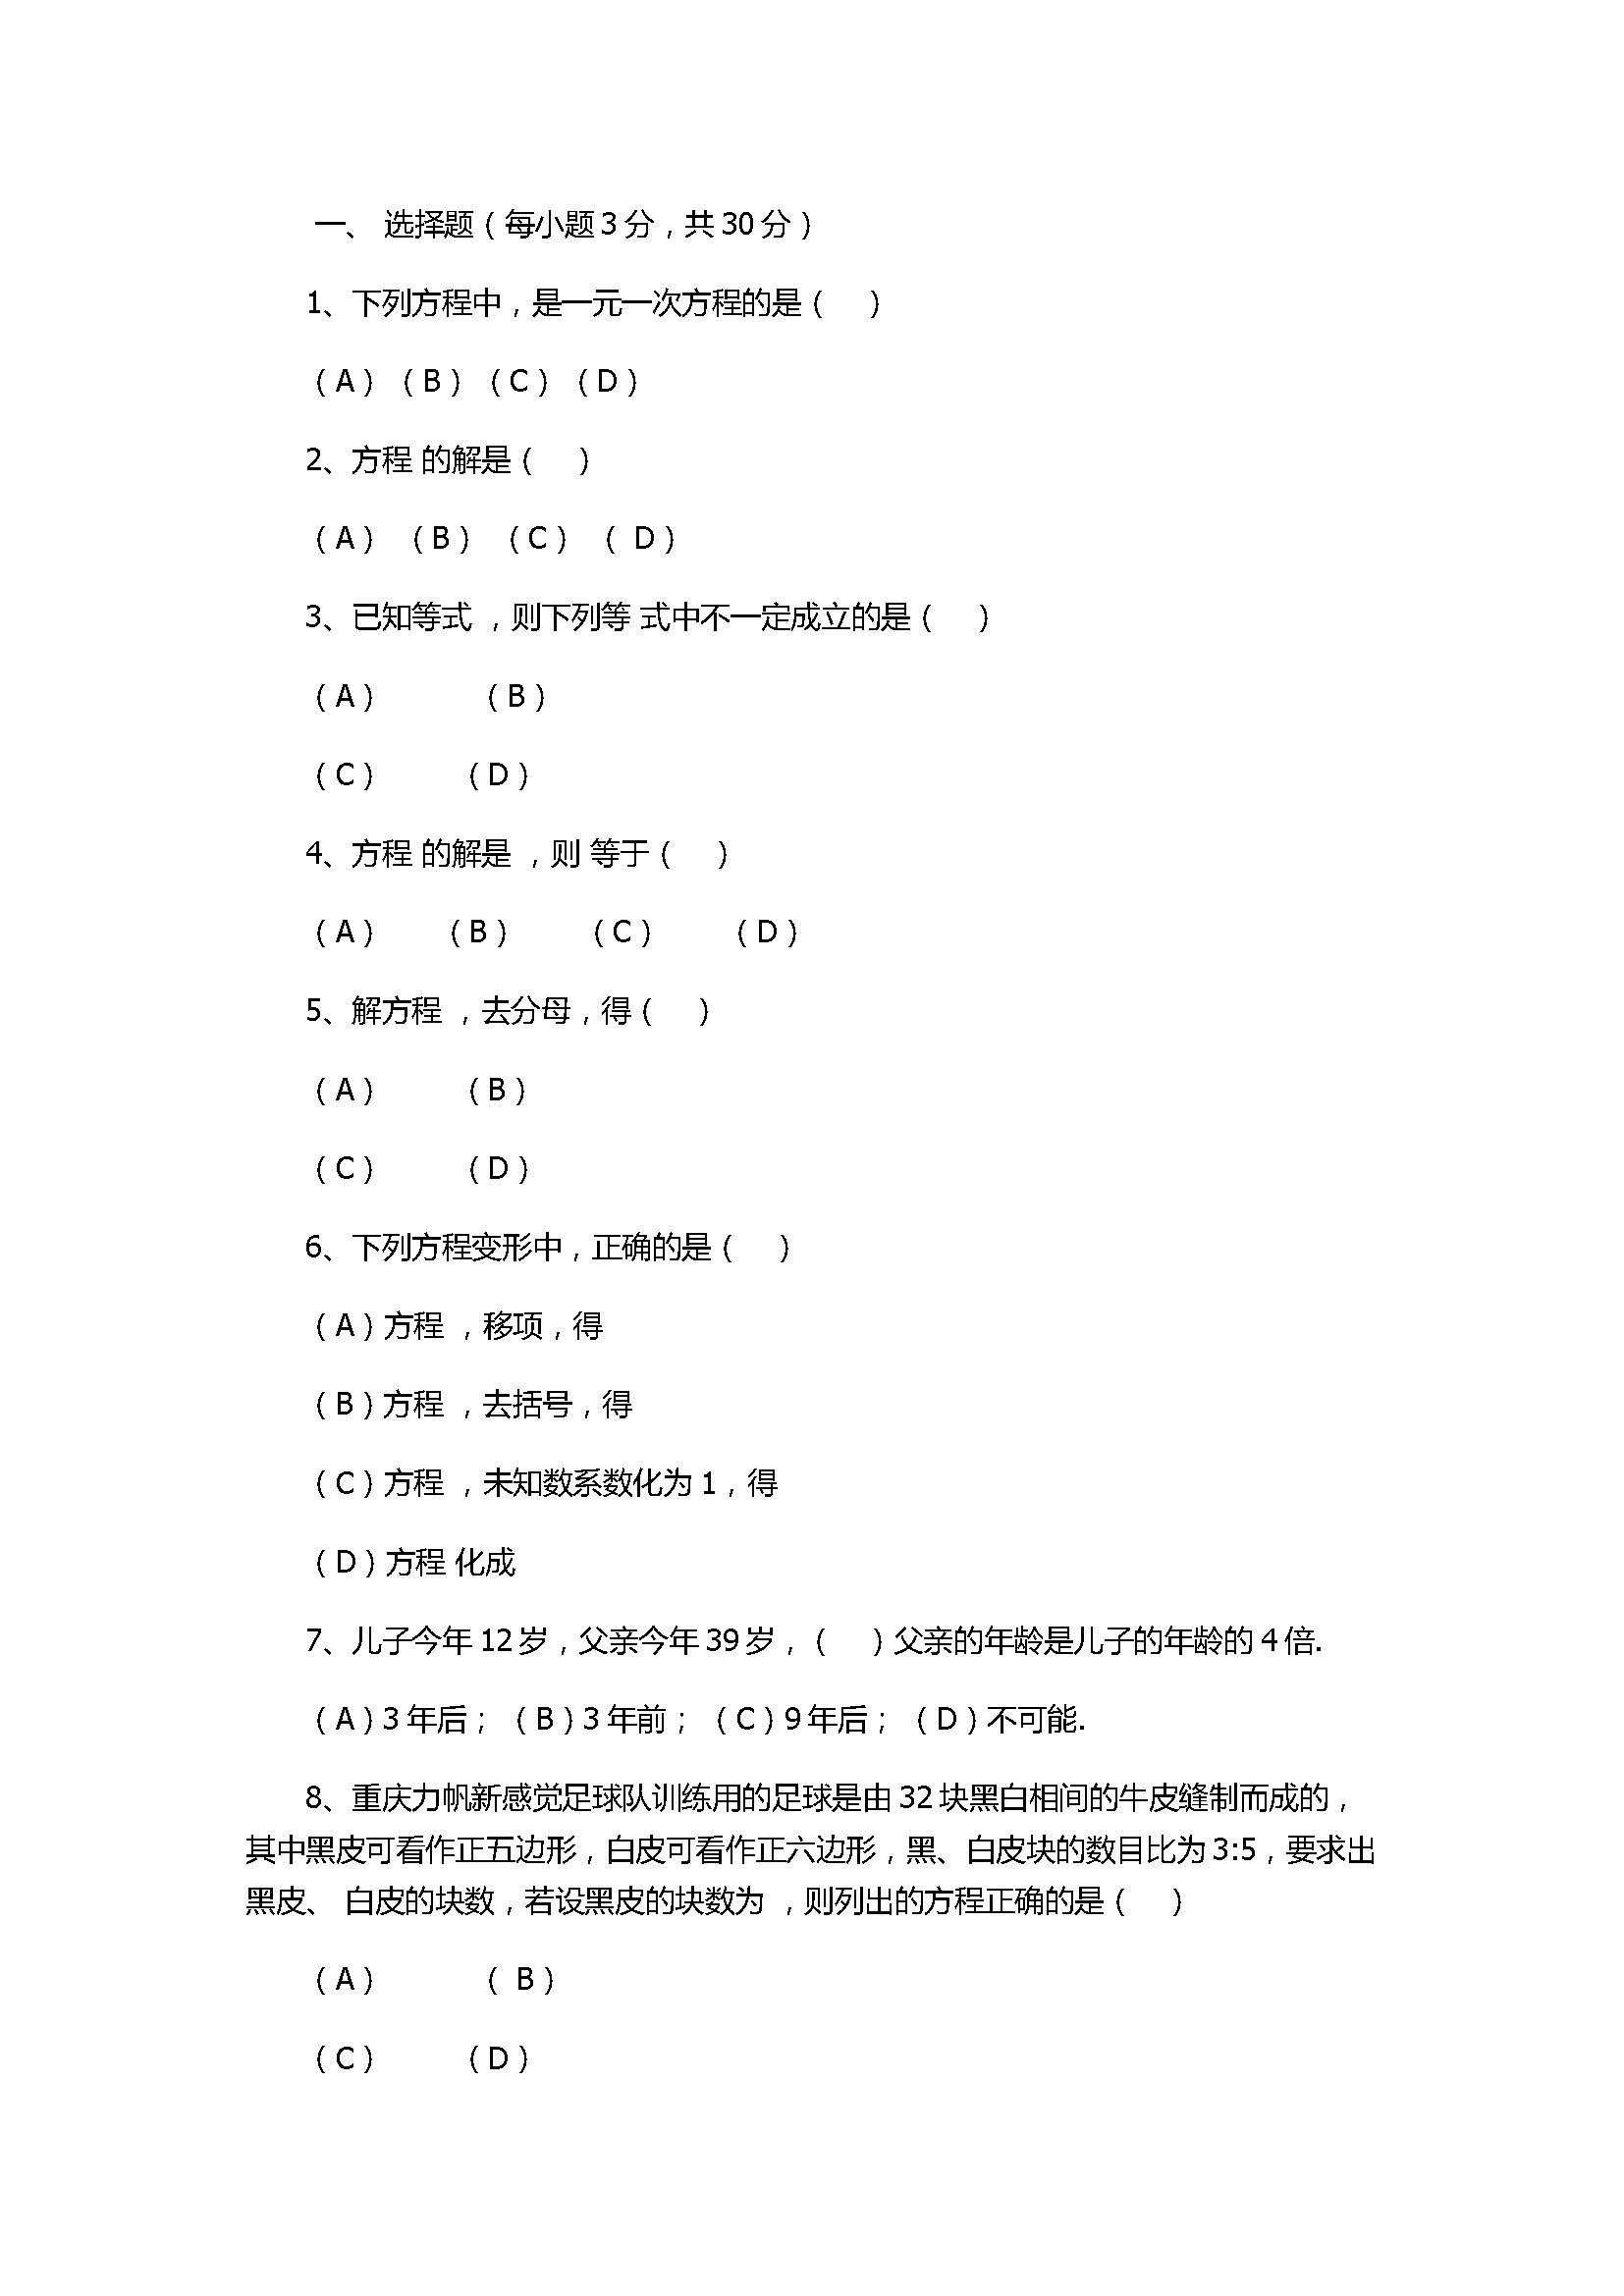 2017七年级数学上册第5章单元检测卷附参考答案(浙教版)